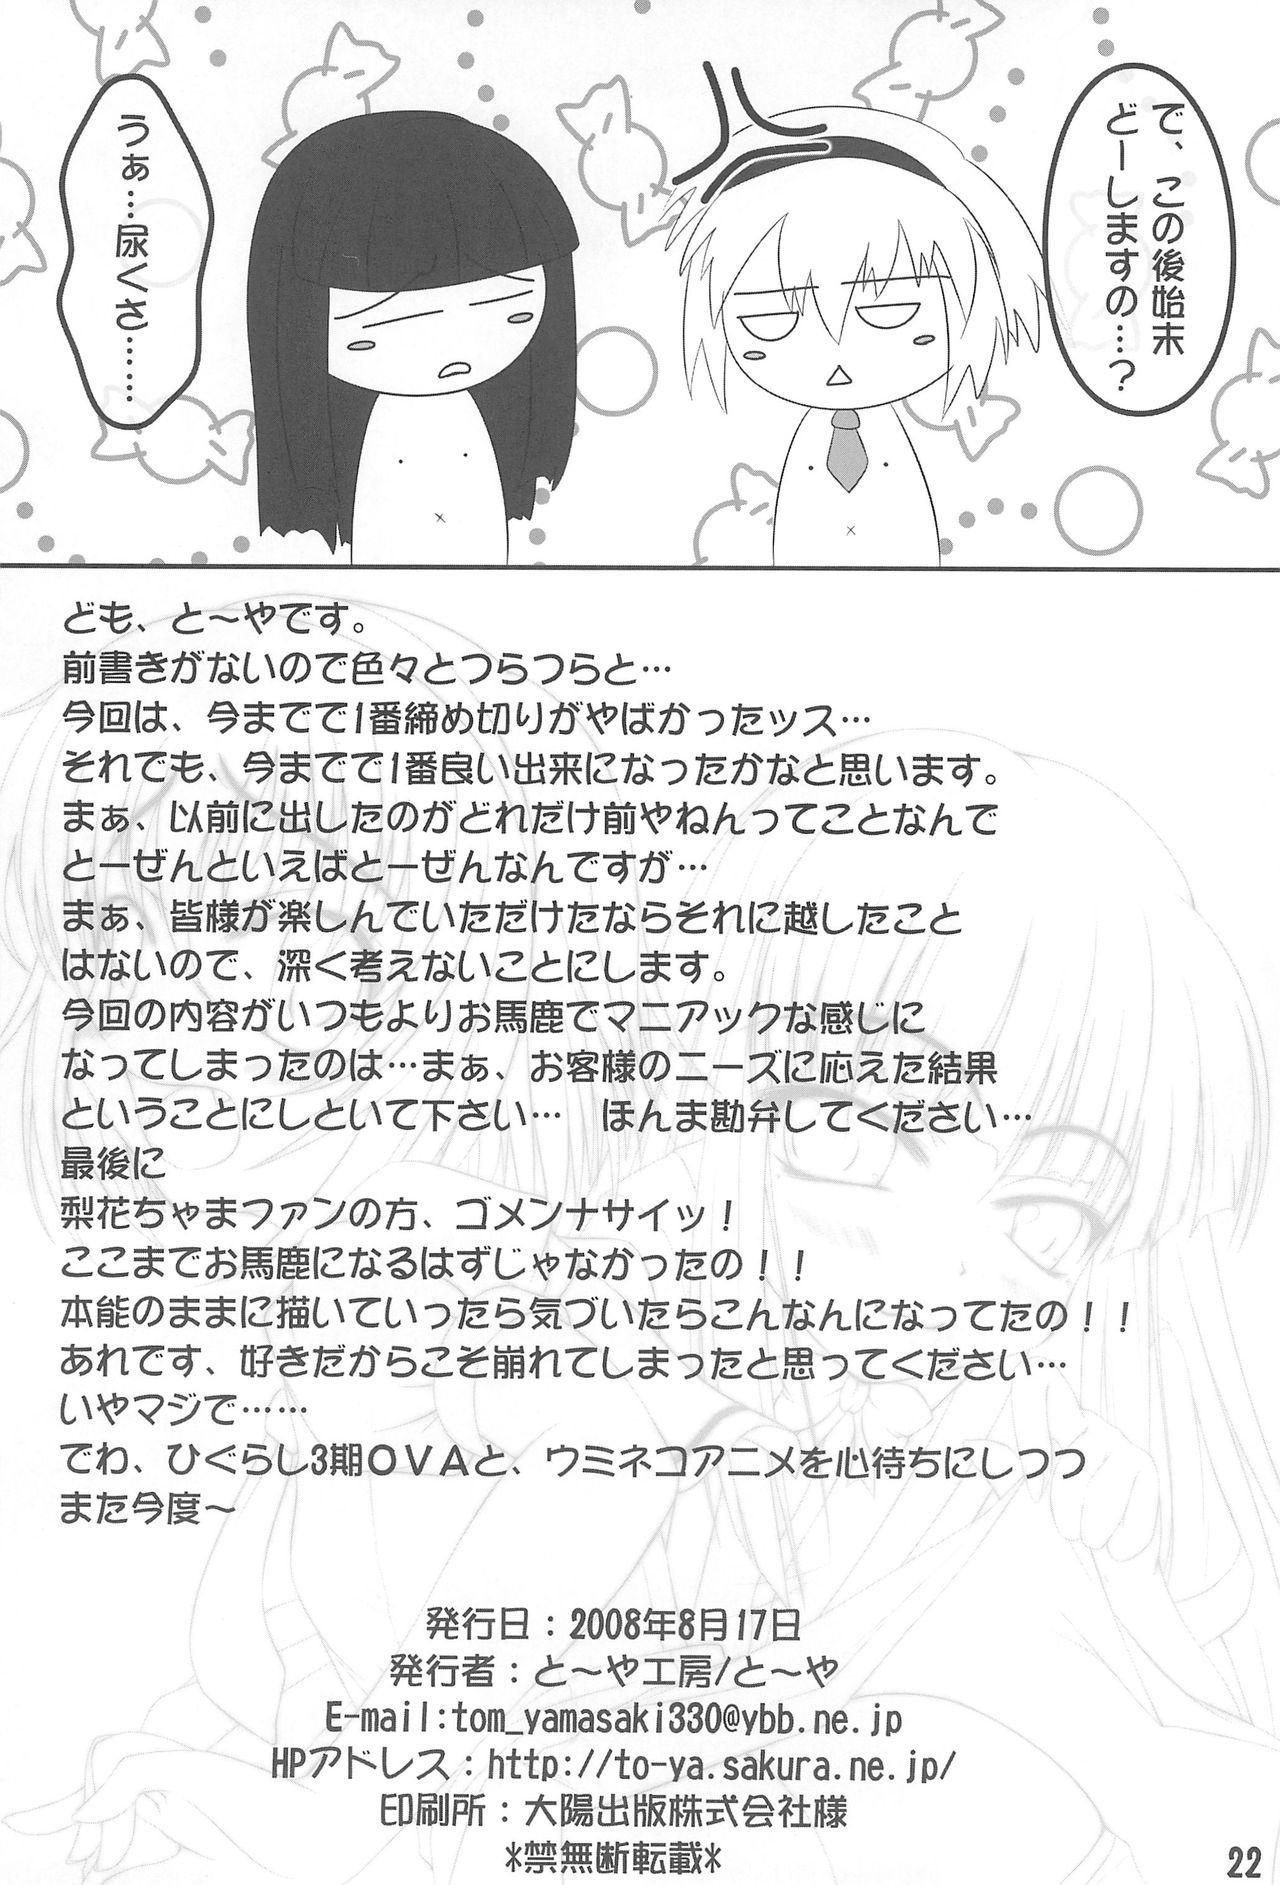 Tips Bukatsu no Ato no… 21